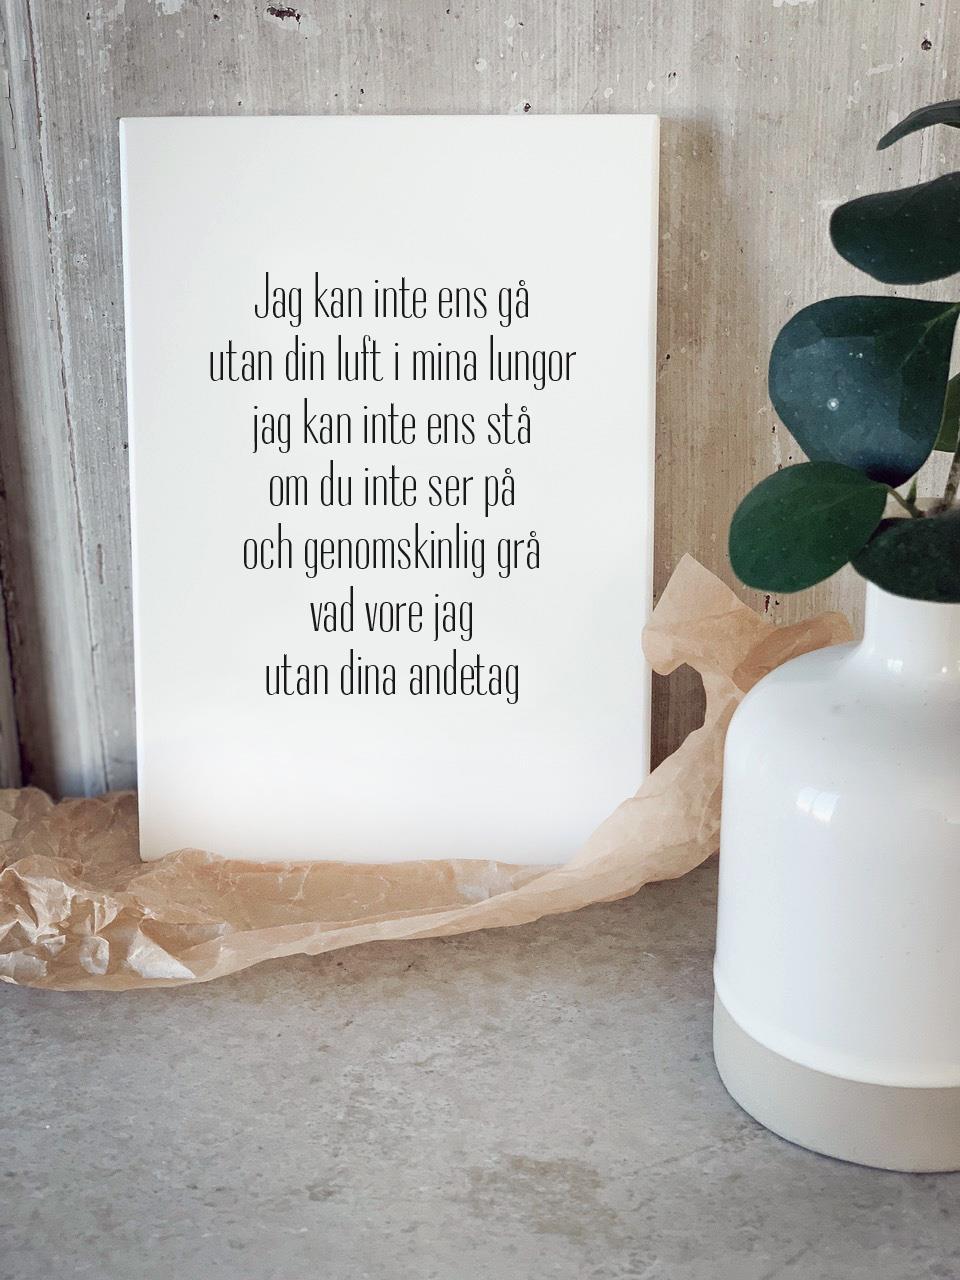 Trätavla A5, Inte utan dina andetag,vit/svart text